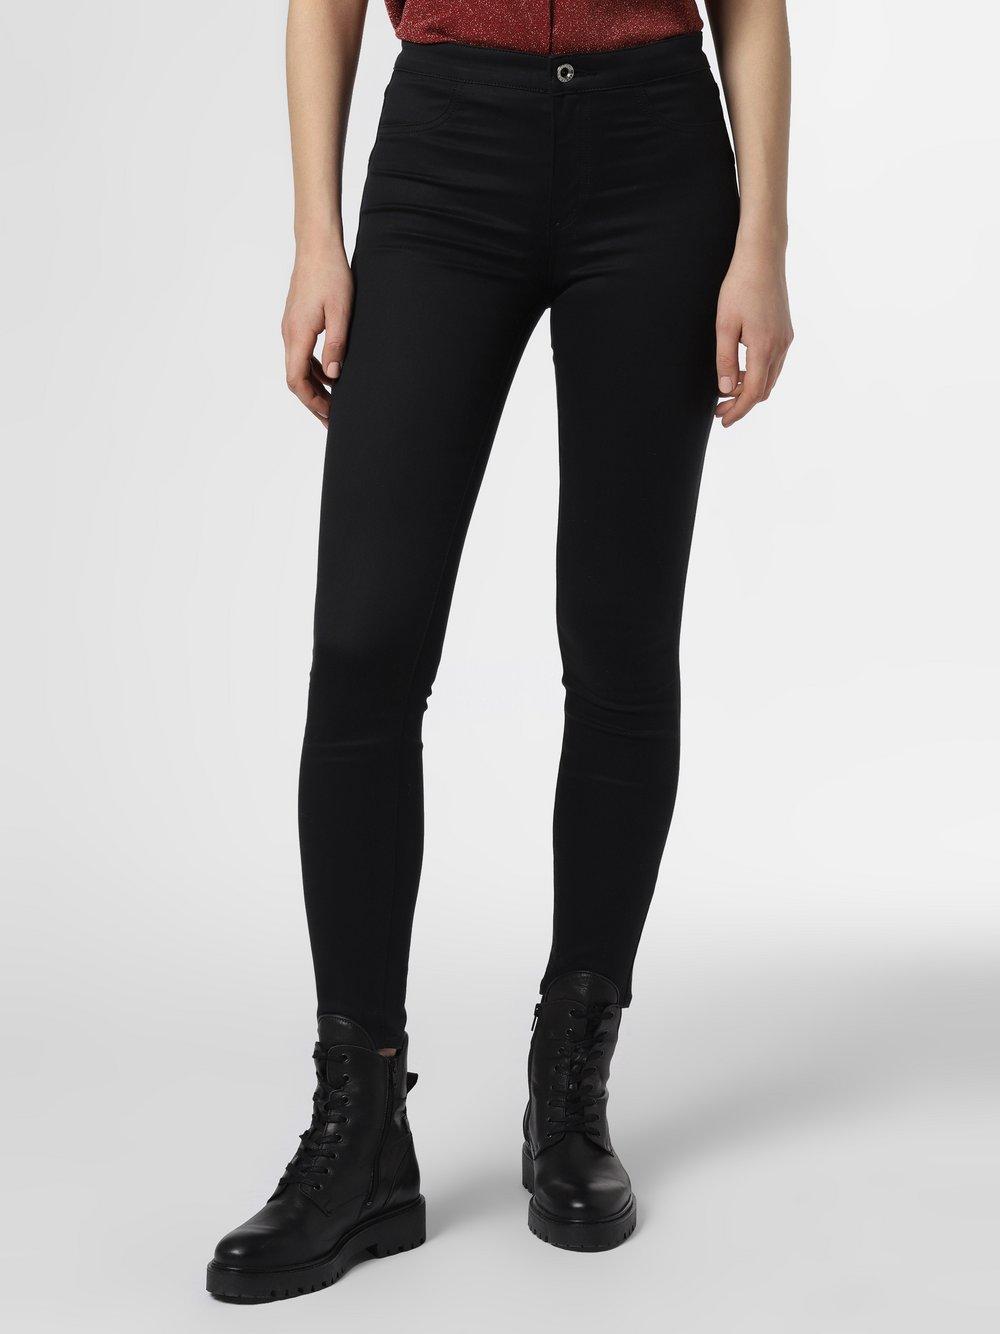 Armani Exchange - Spodnie damskie, czarny